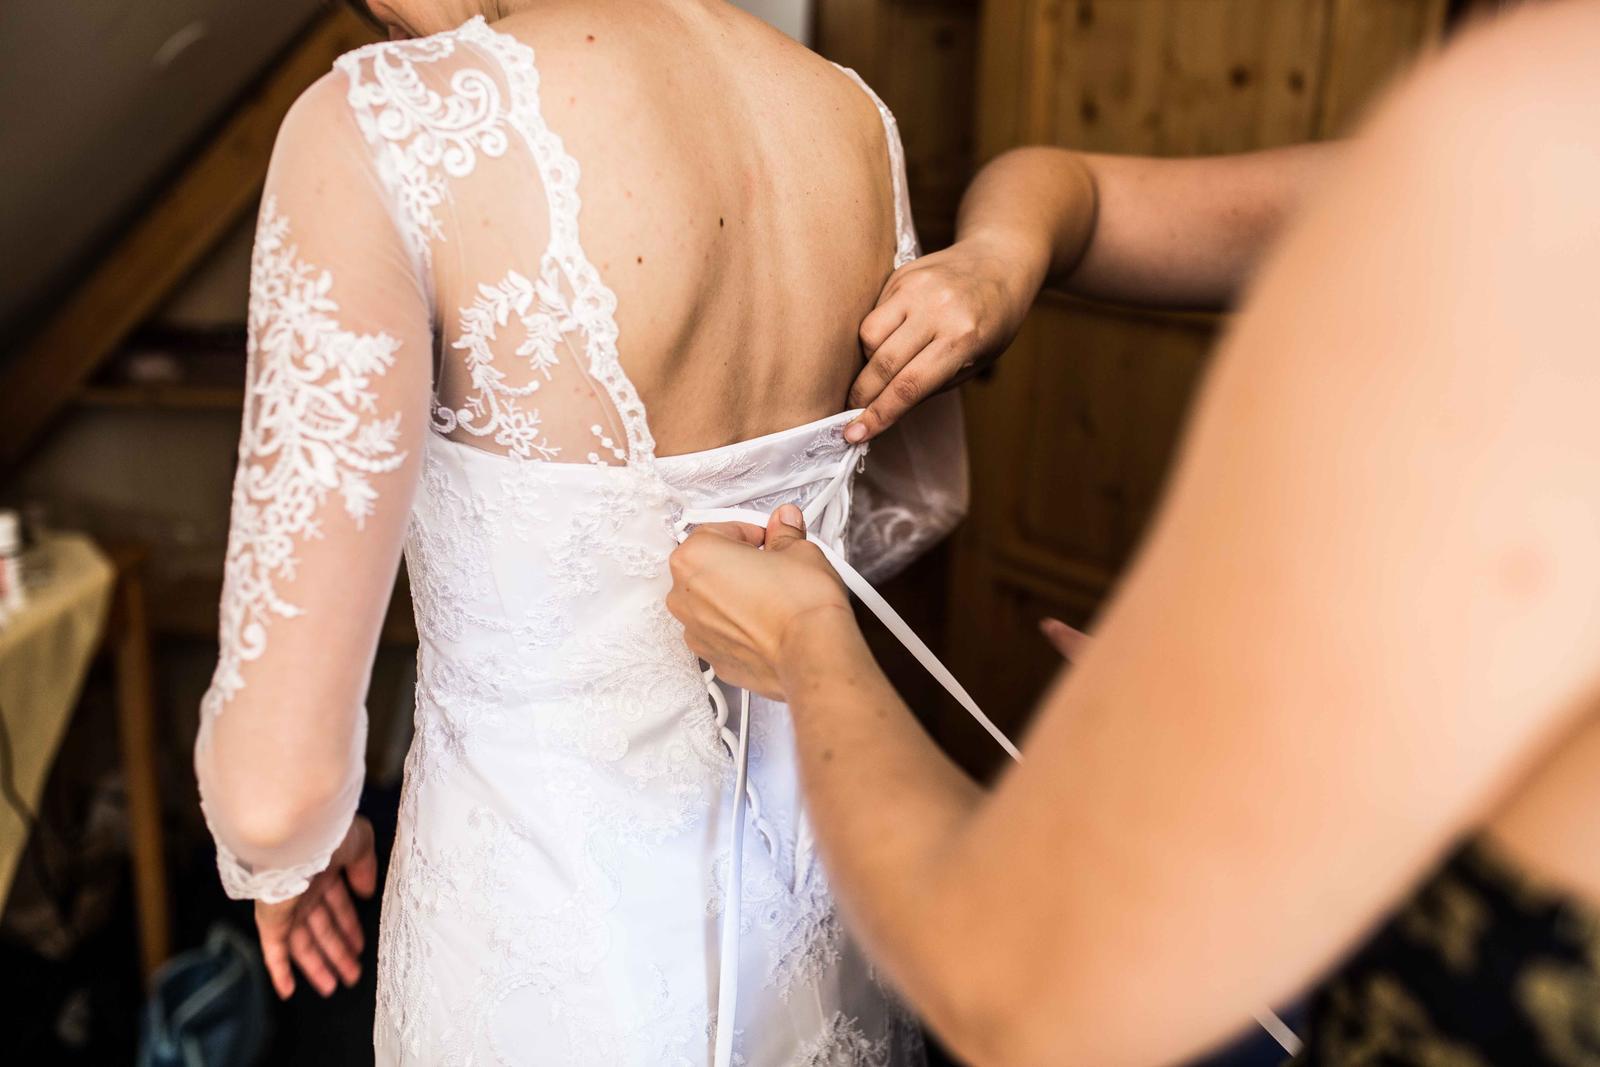 Celokrajkové svatební šaty 34-36 - Obrázek č. 4